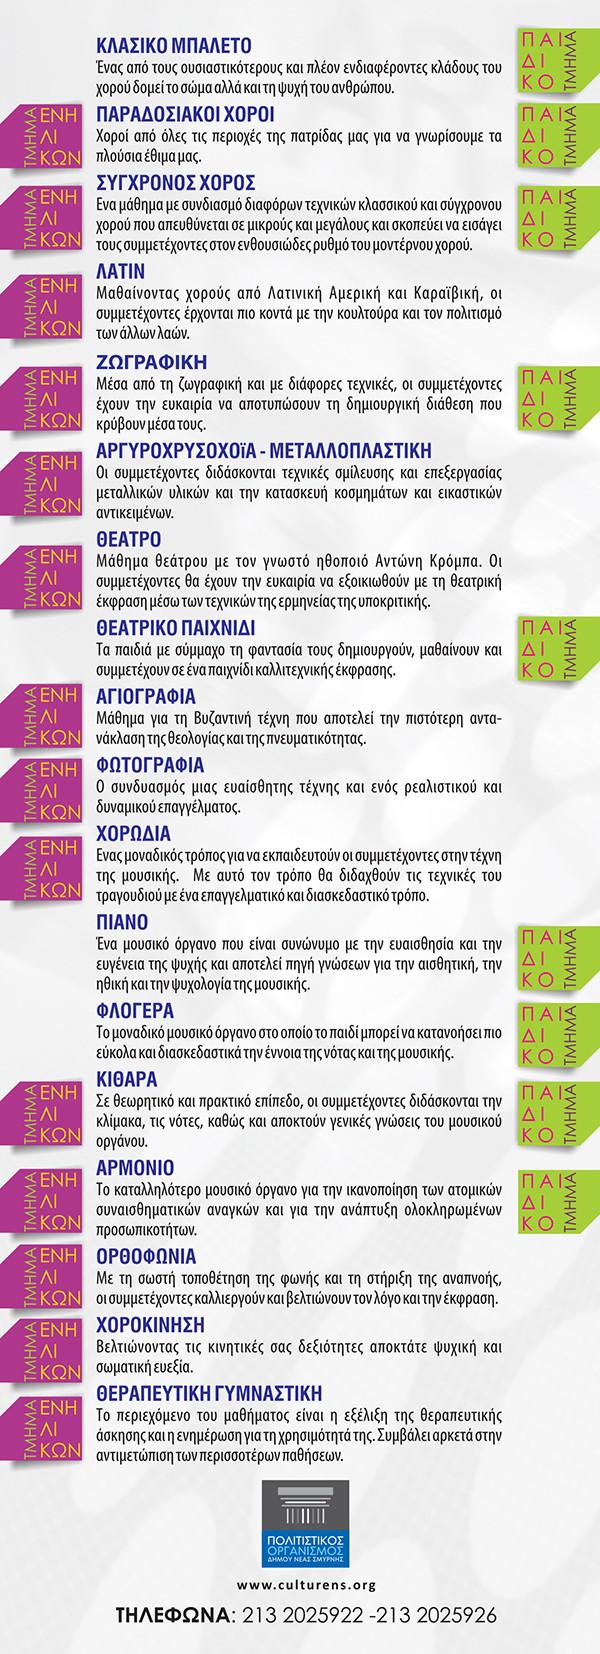 Επιμορφωτικά Προγράμματα Πολιτιστικού Οργανισμού Δήμου Νέας Σμύρνης